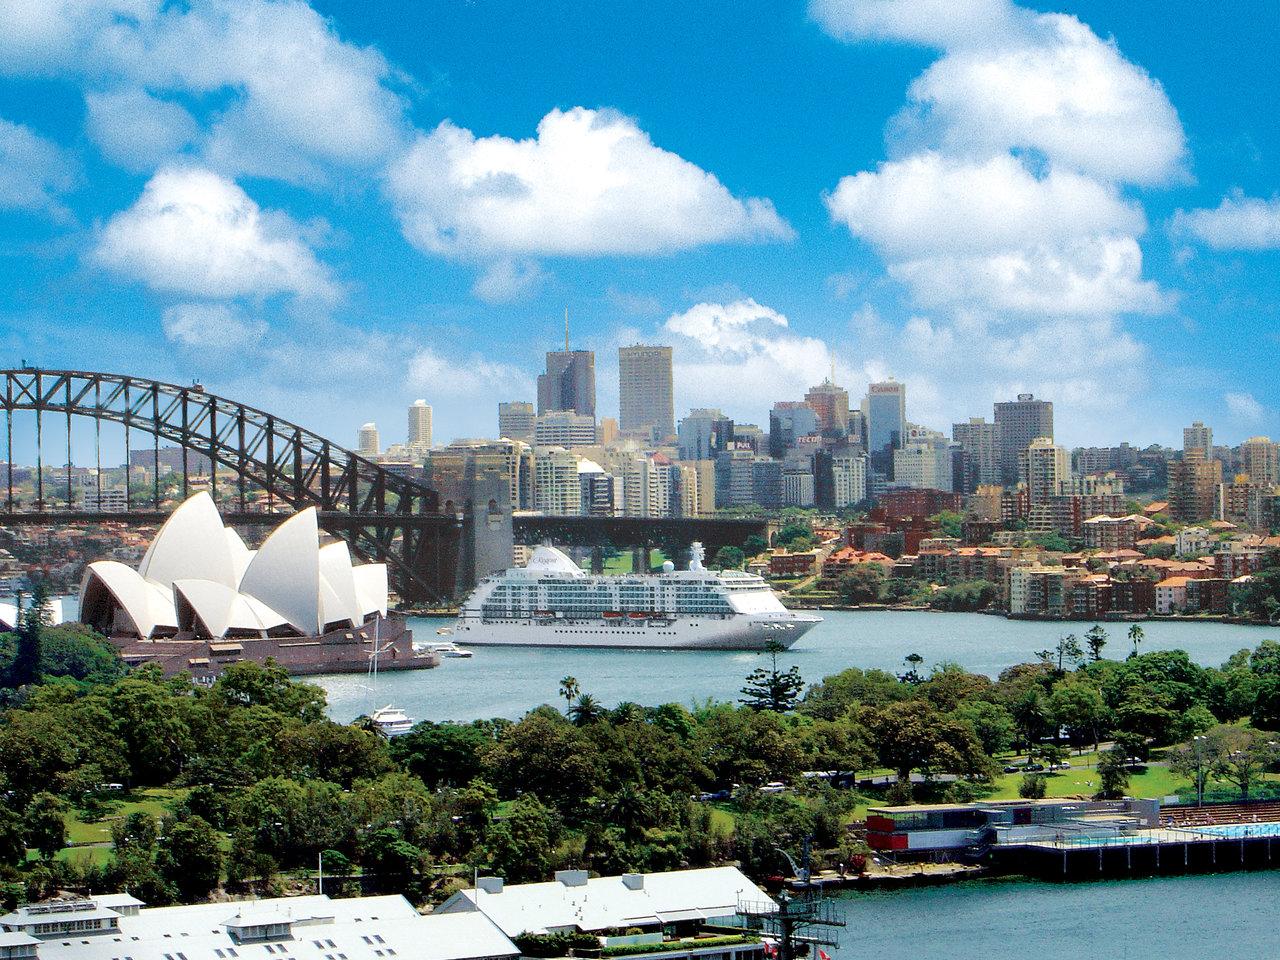 rsz_voy_sydney_opera_house_1.jpg